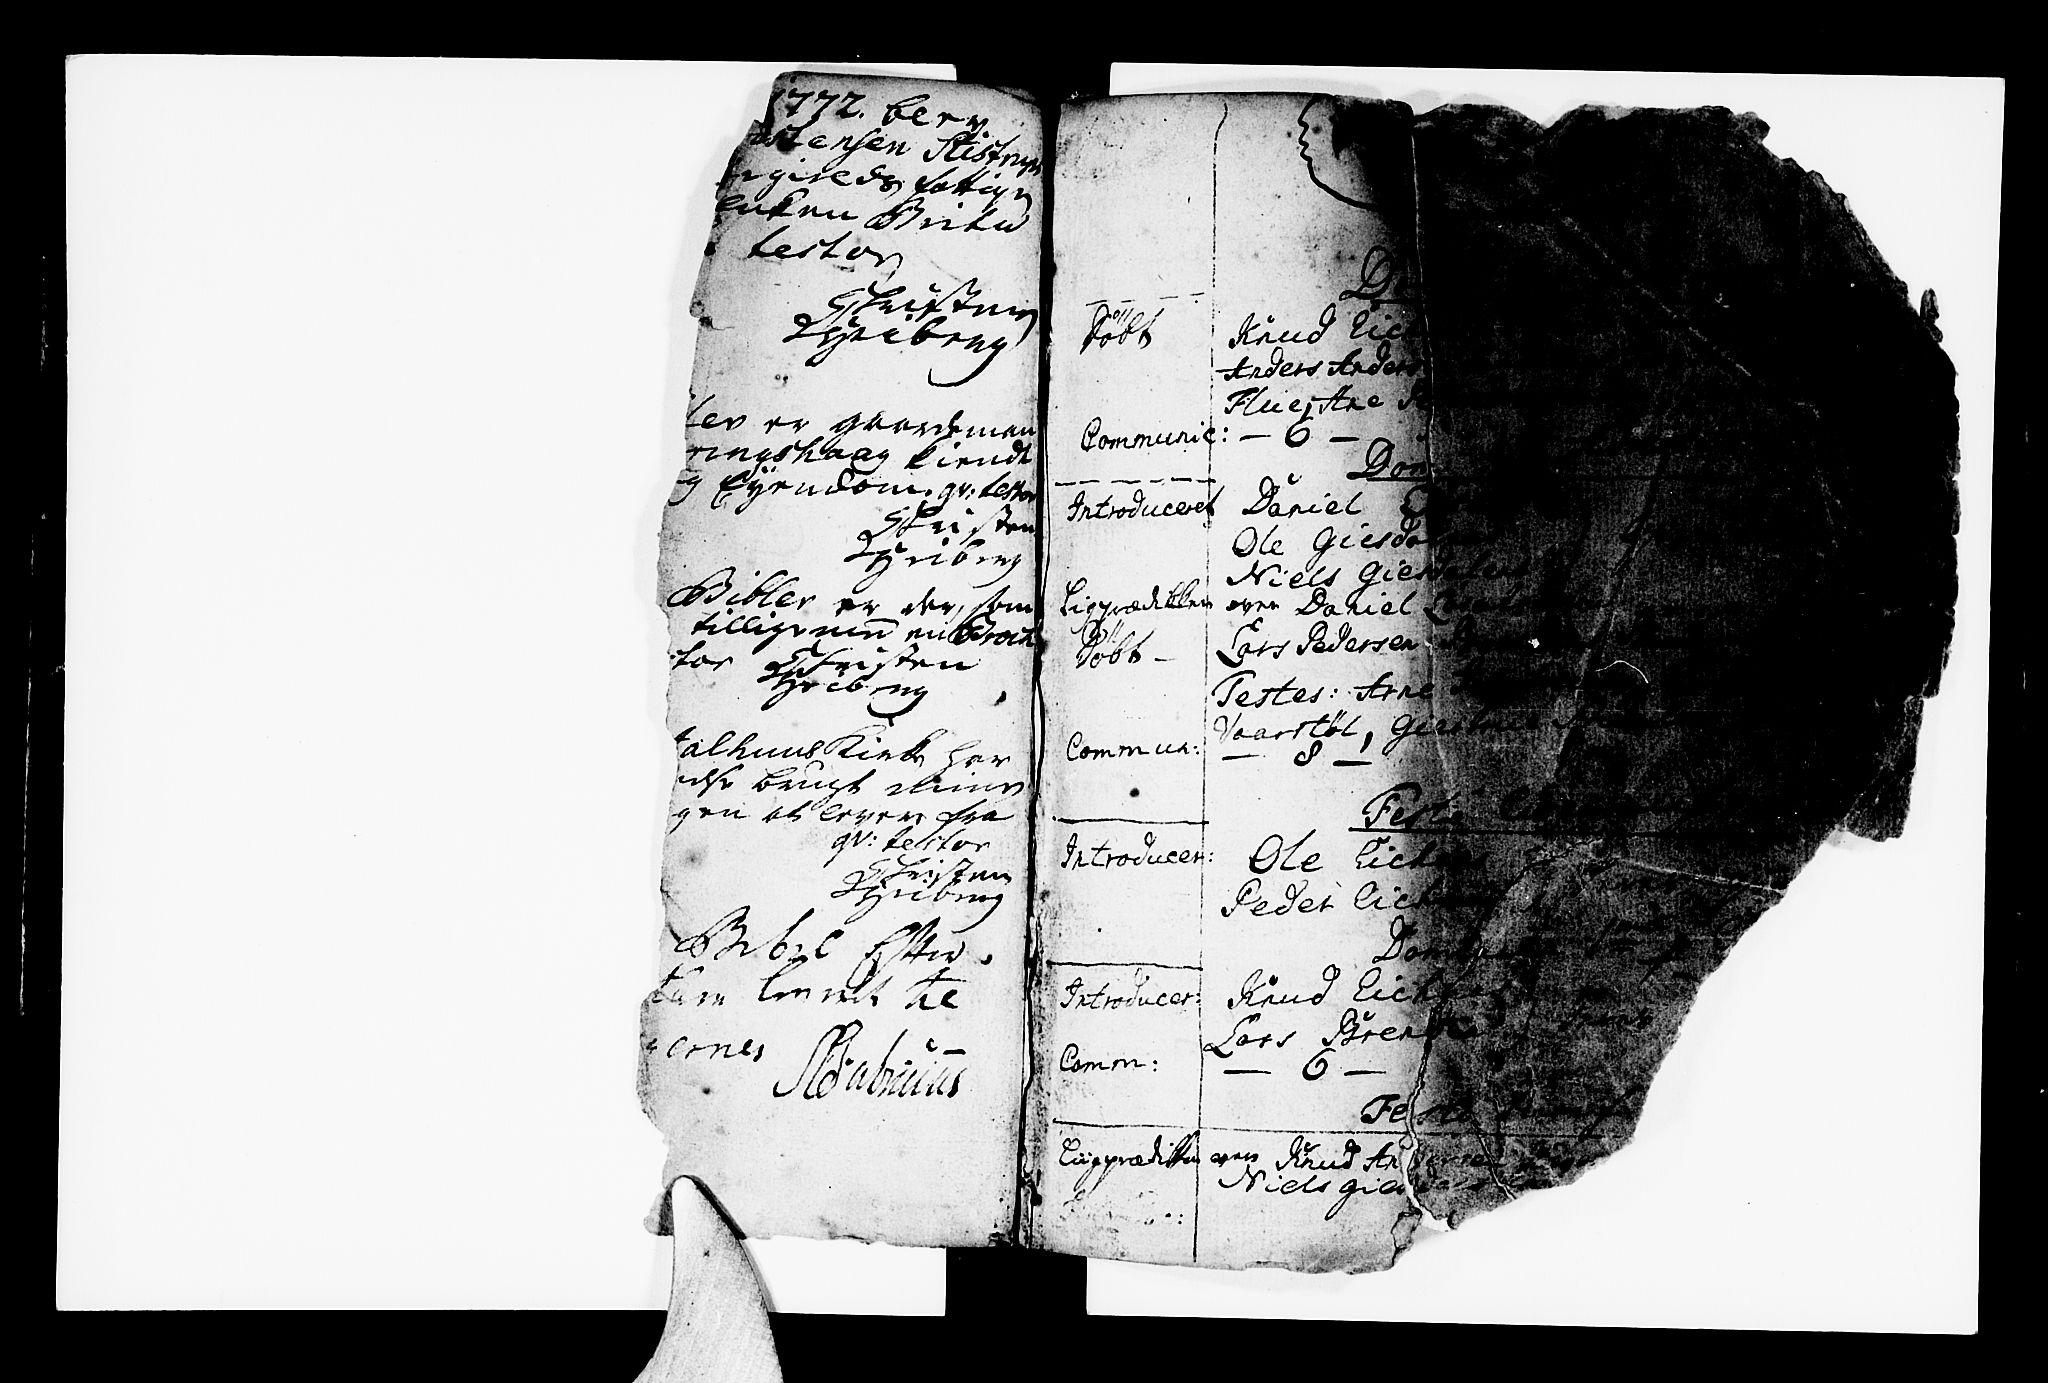 SAB, Jølster Sokneprestembete, Ministerialbok nr. A 3, 1748-1789, s. 0-1